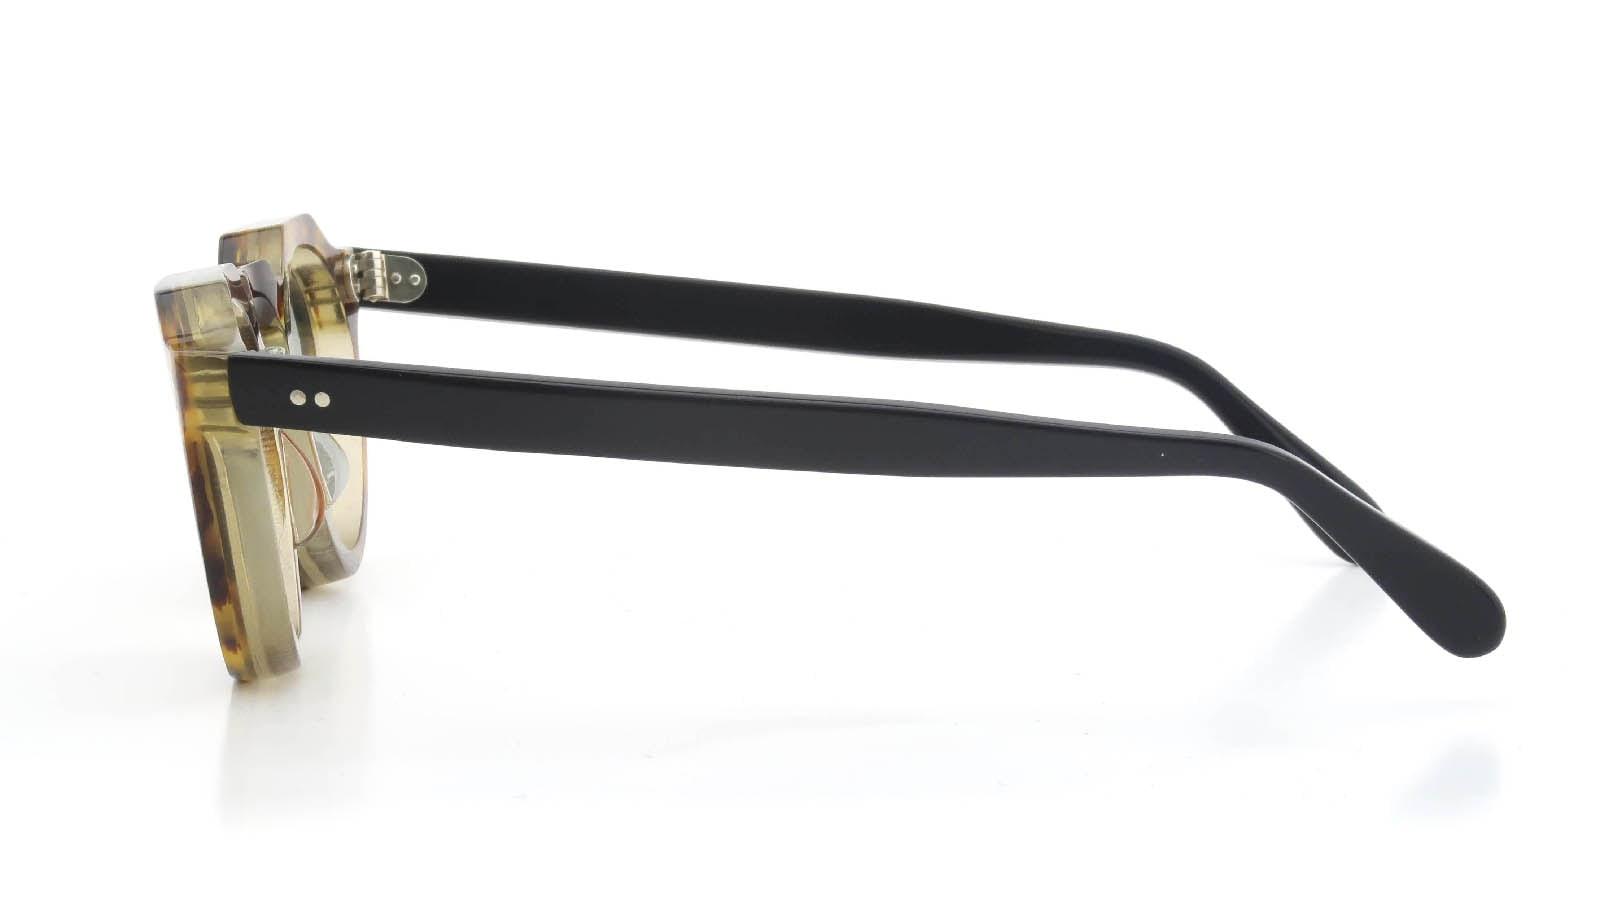 Lesca VINGTAGE Crown-Panto Ambre/Clear 8mm (v2) 3